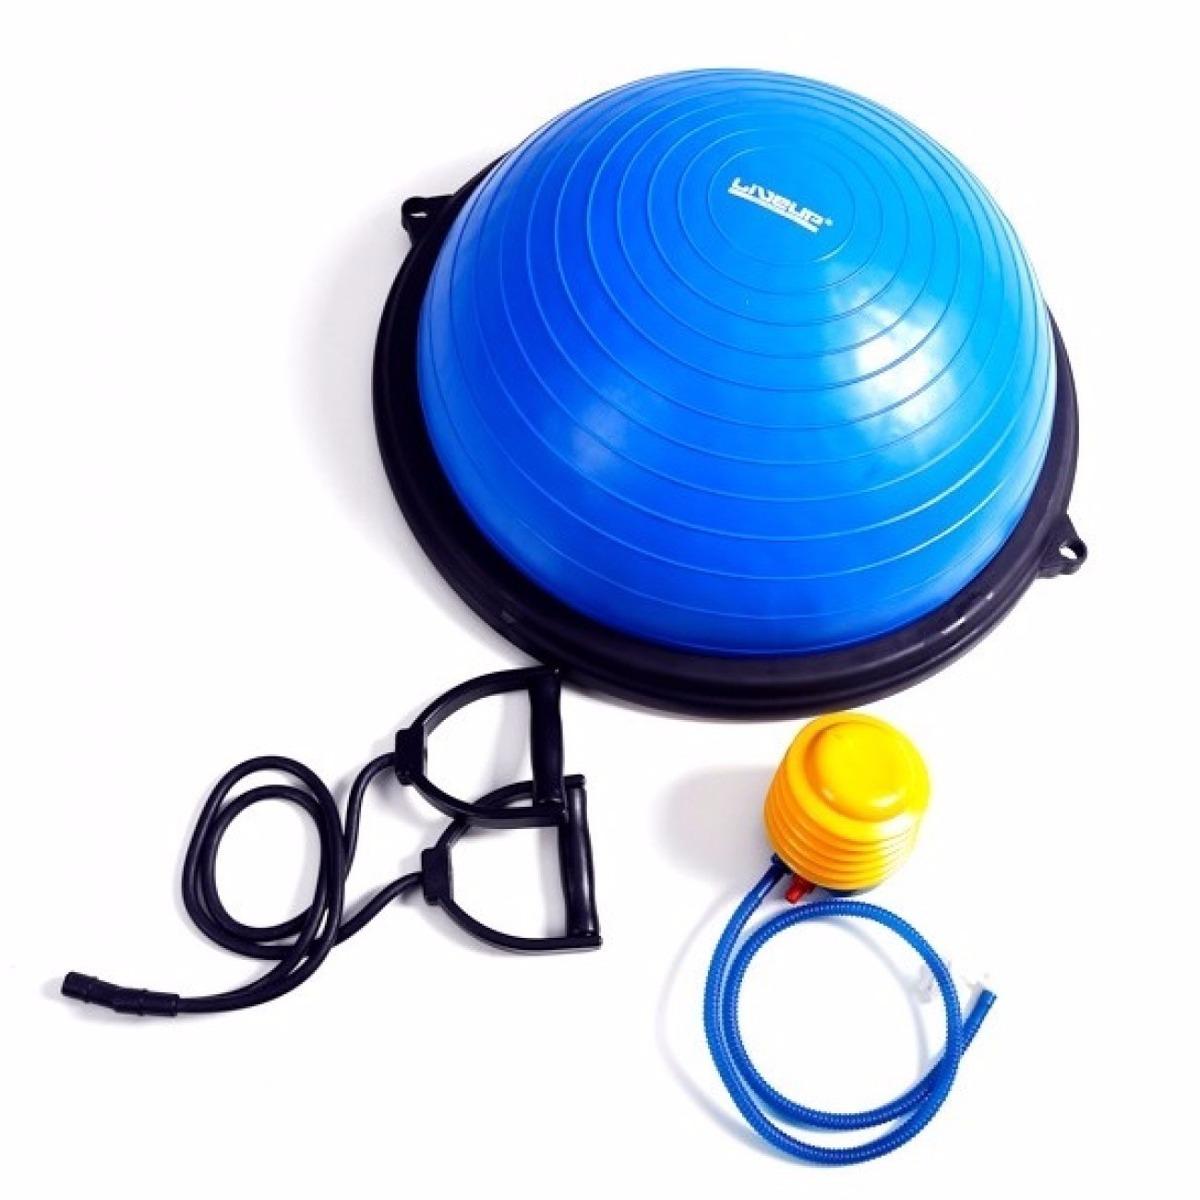 721ce51634f5a meia bola balance bosu suíça + extensor + bomba pilates yoga. Carregando  zoom.